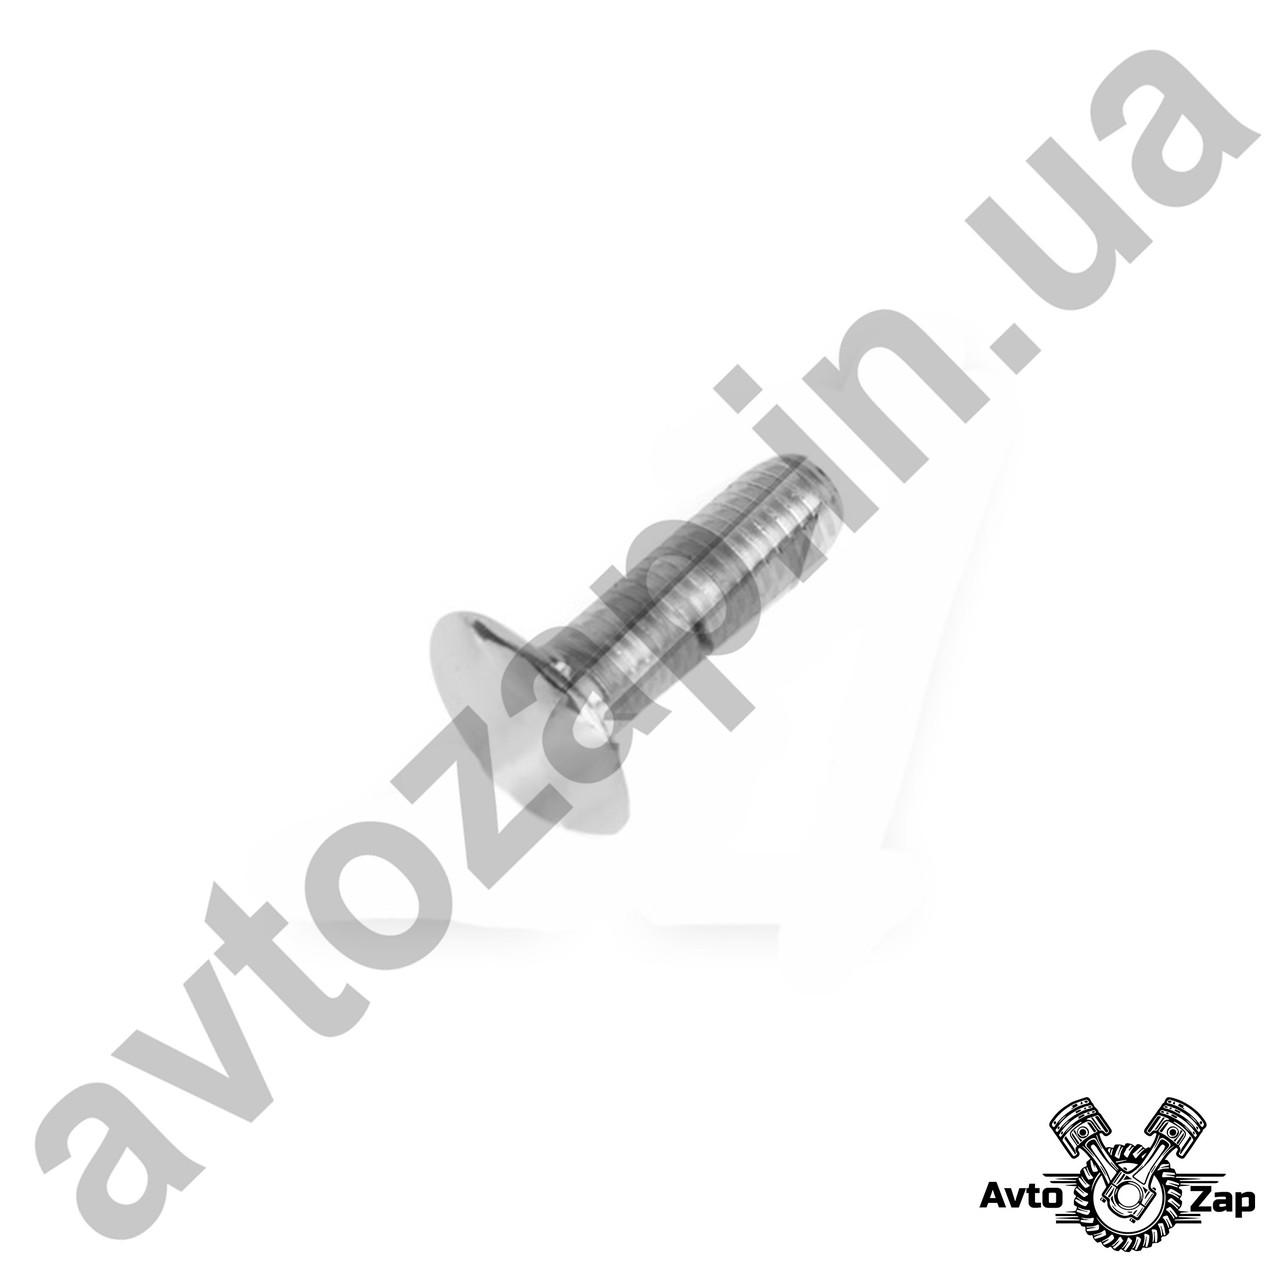 Болт крепления накладки бампера 2107